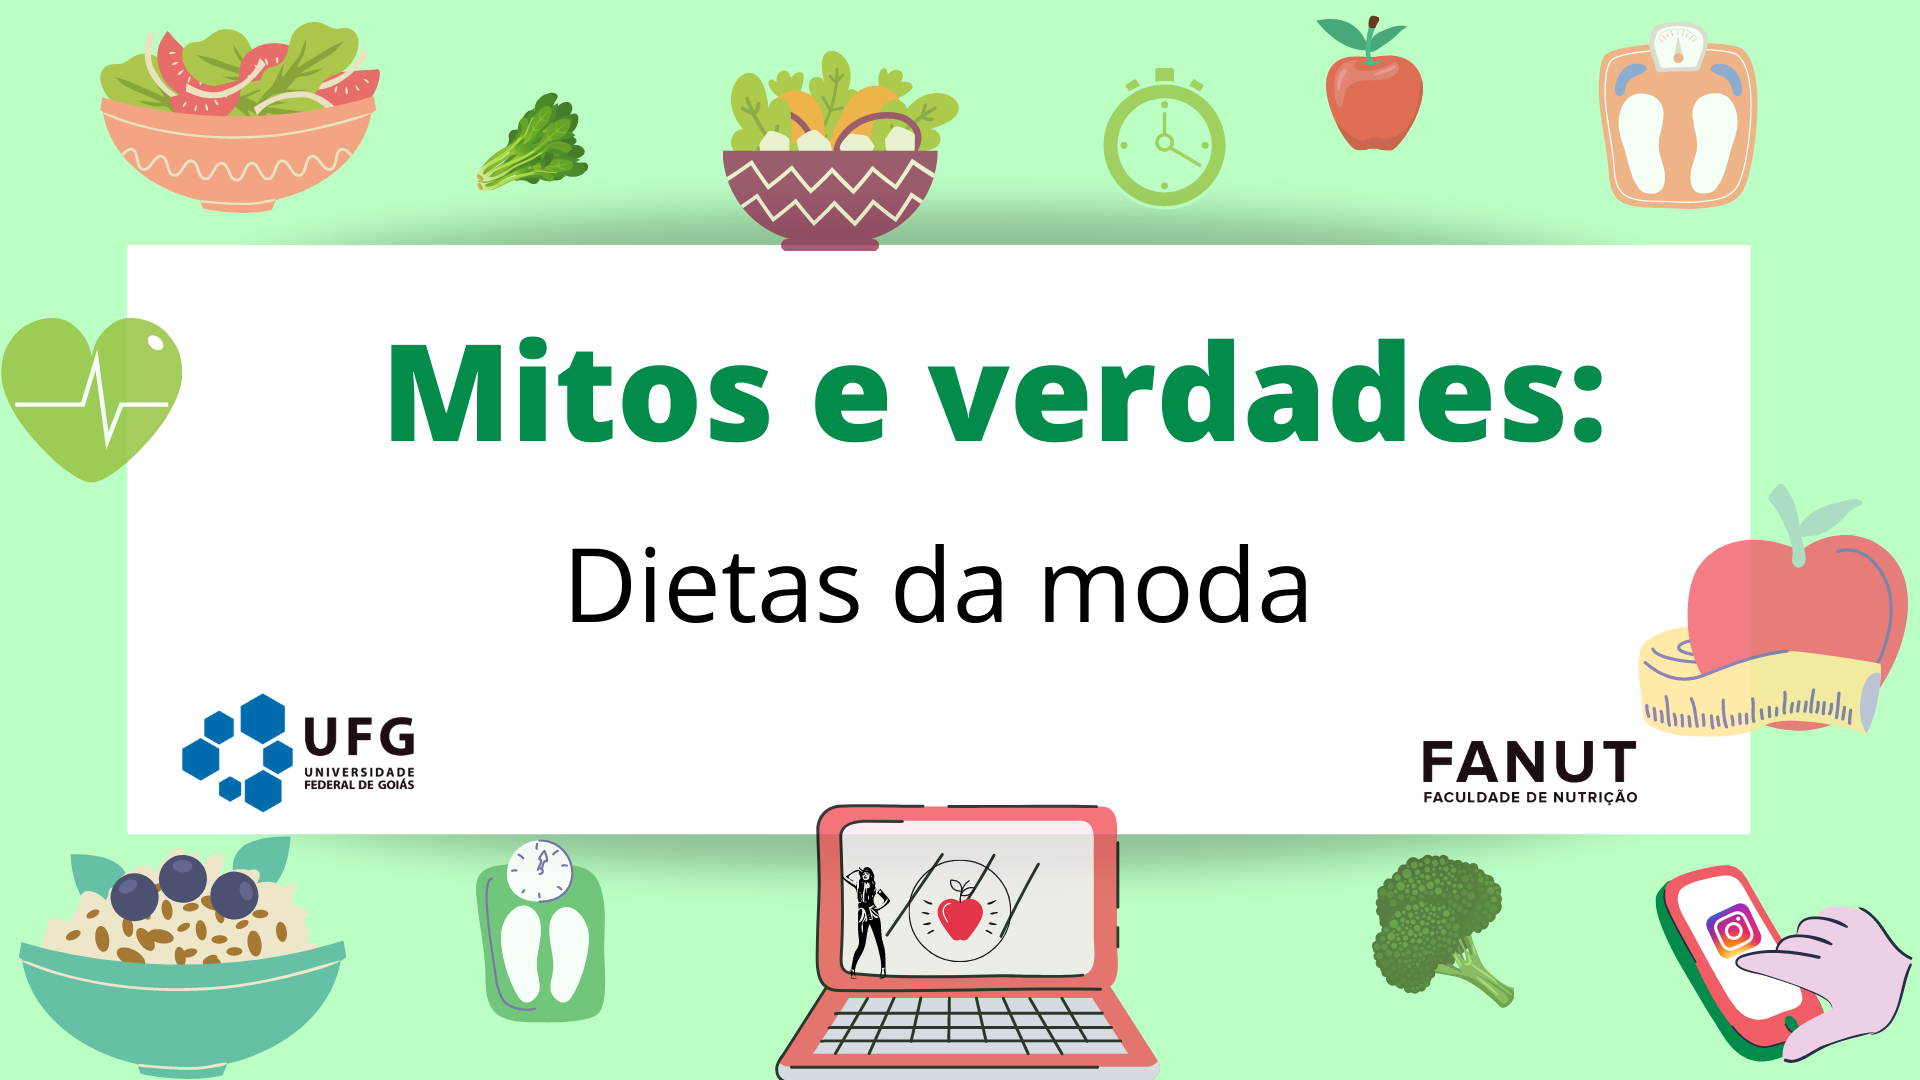 dietas-da-moda-ean-na-web